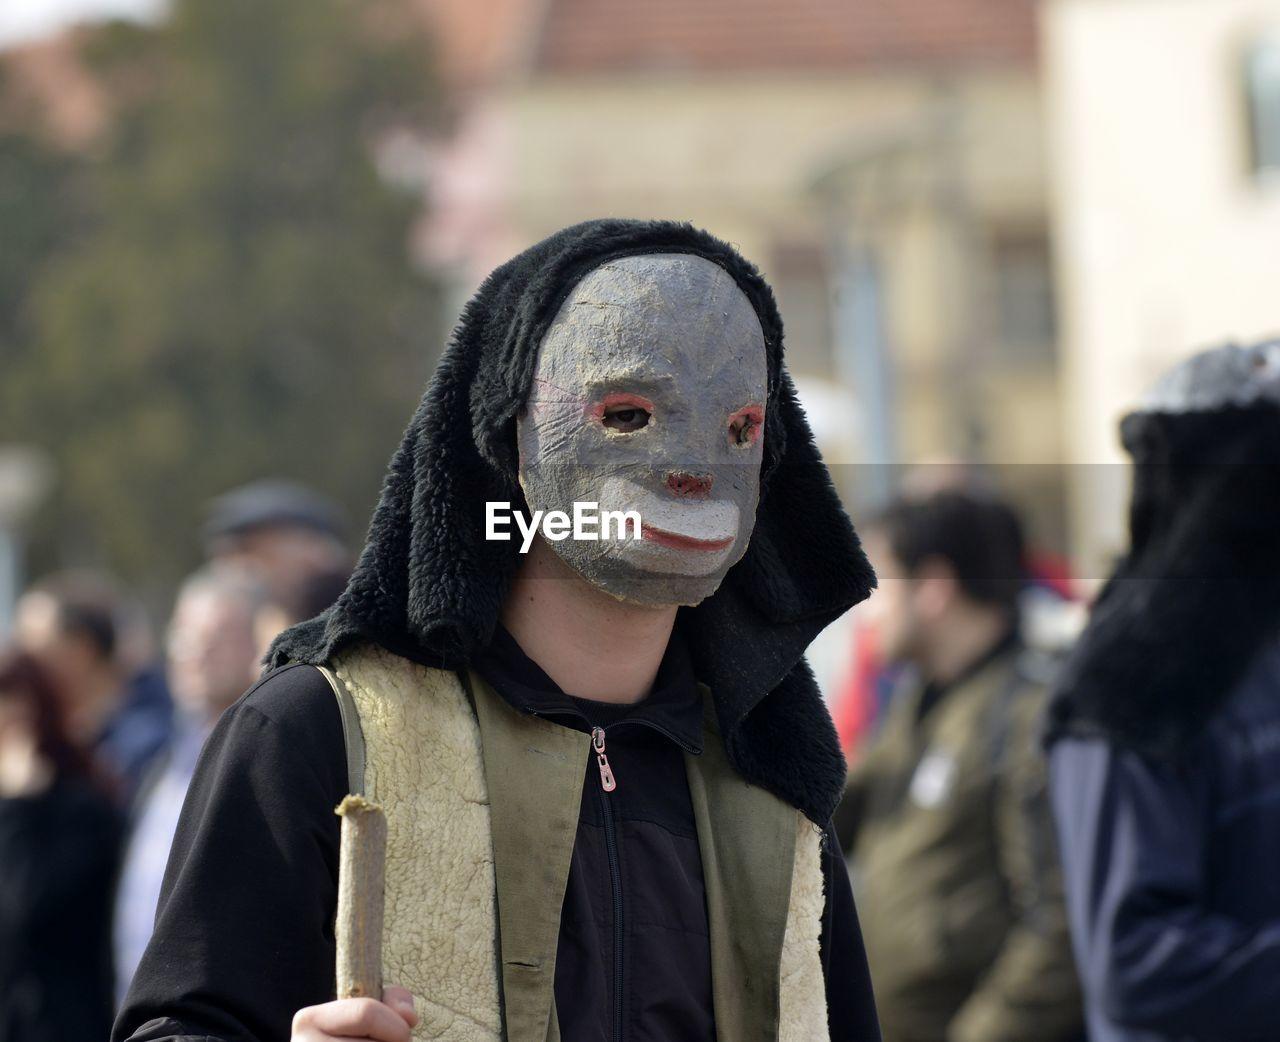 Close-up of man wearing mask at carnival